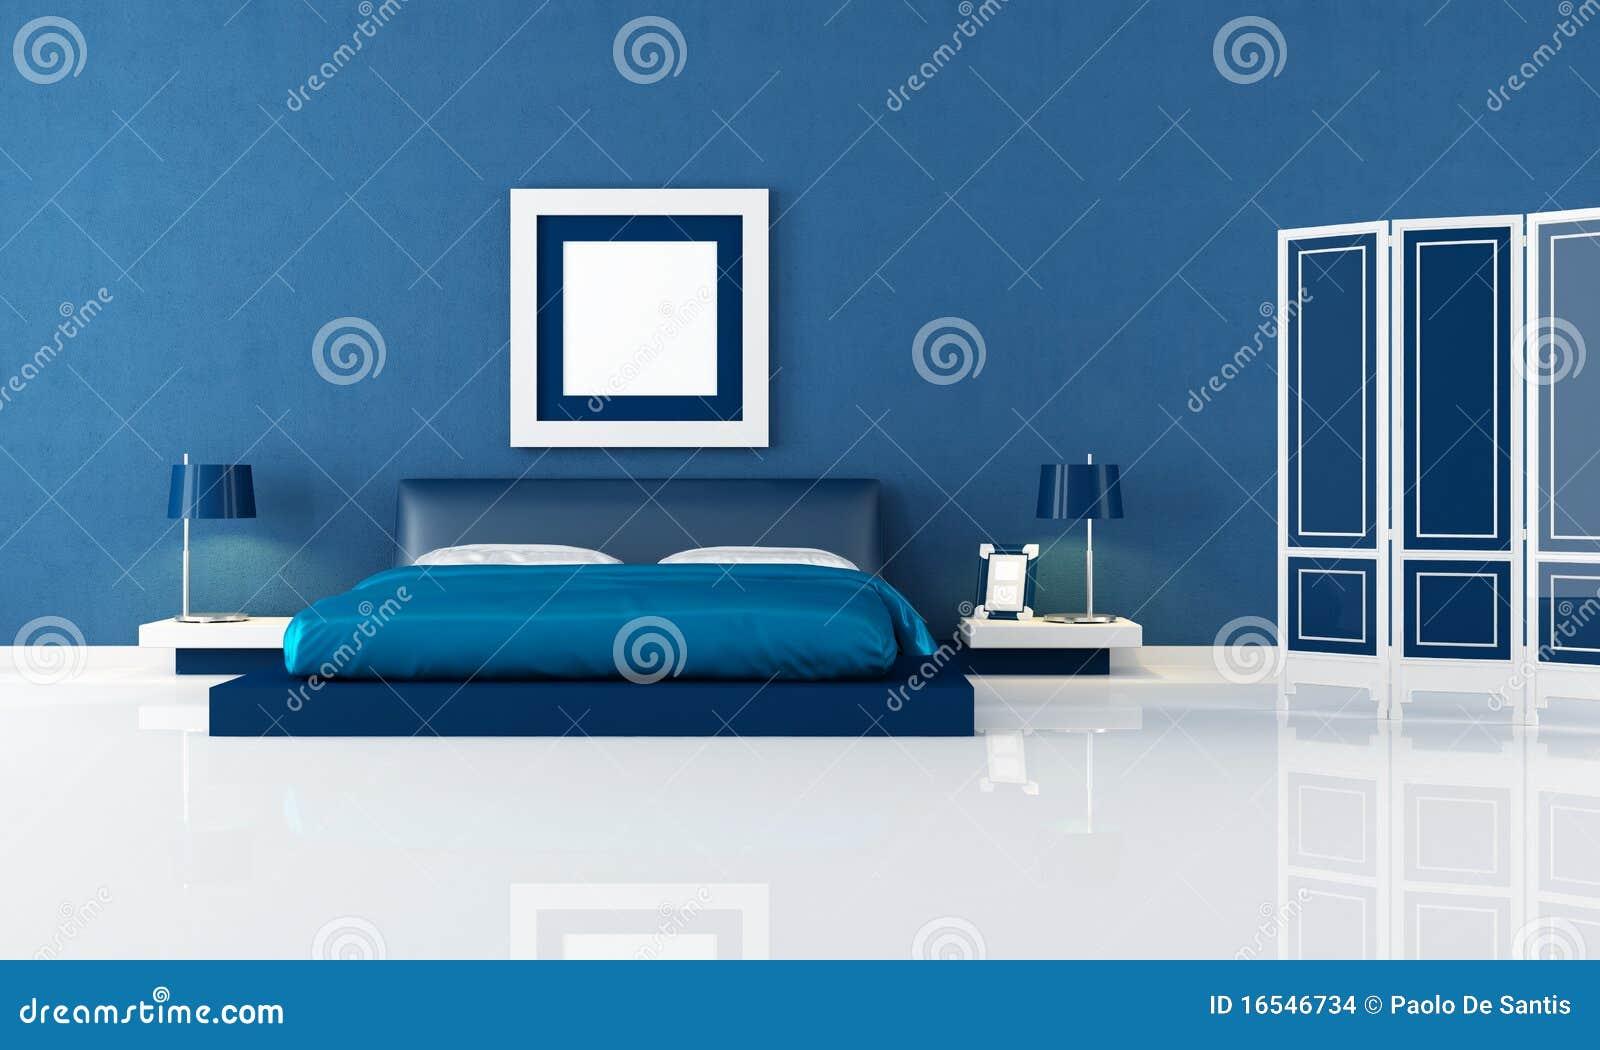 Blauwe slaapkamer stock afbeeldingen afbeelding 16546734 - Eigentijdse stijl slaapkamer ...